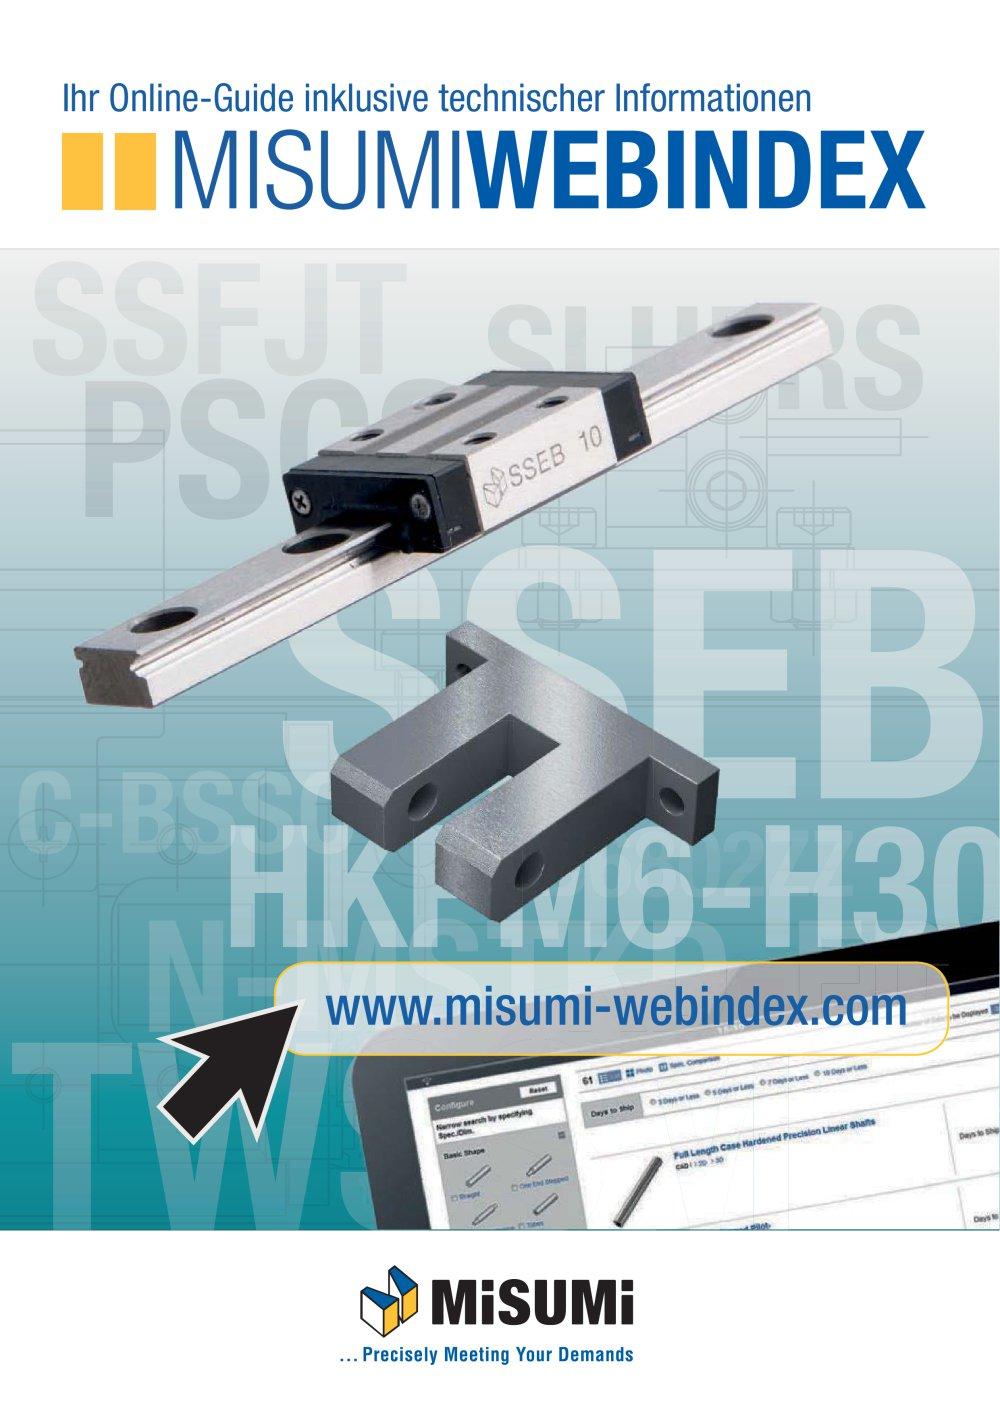 MISUMIWEBINDEX - Ihr Online-Guide inklusive technischer ...